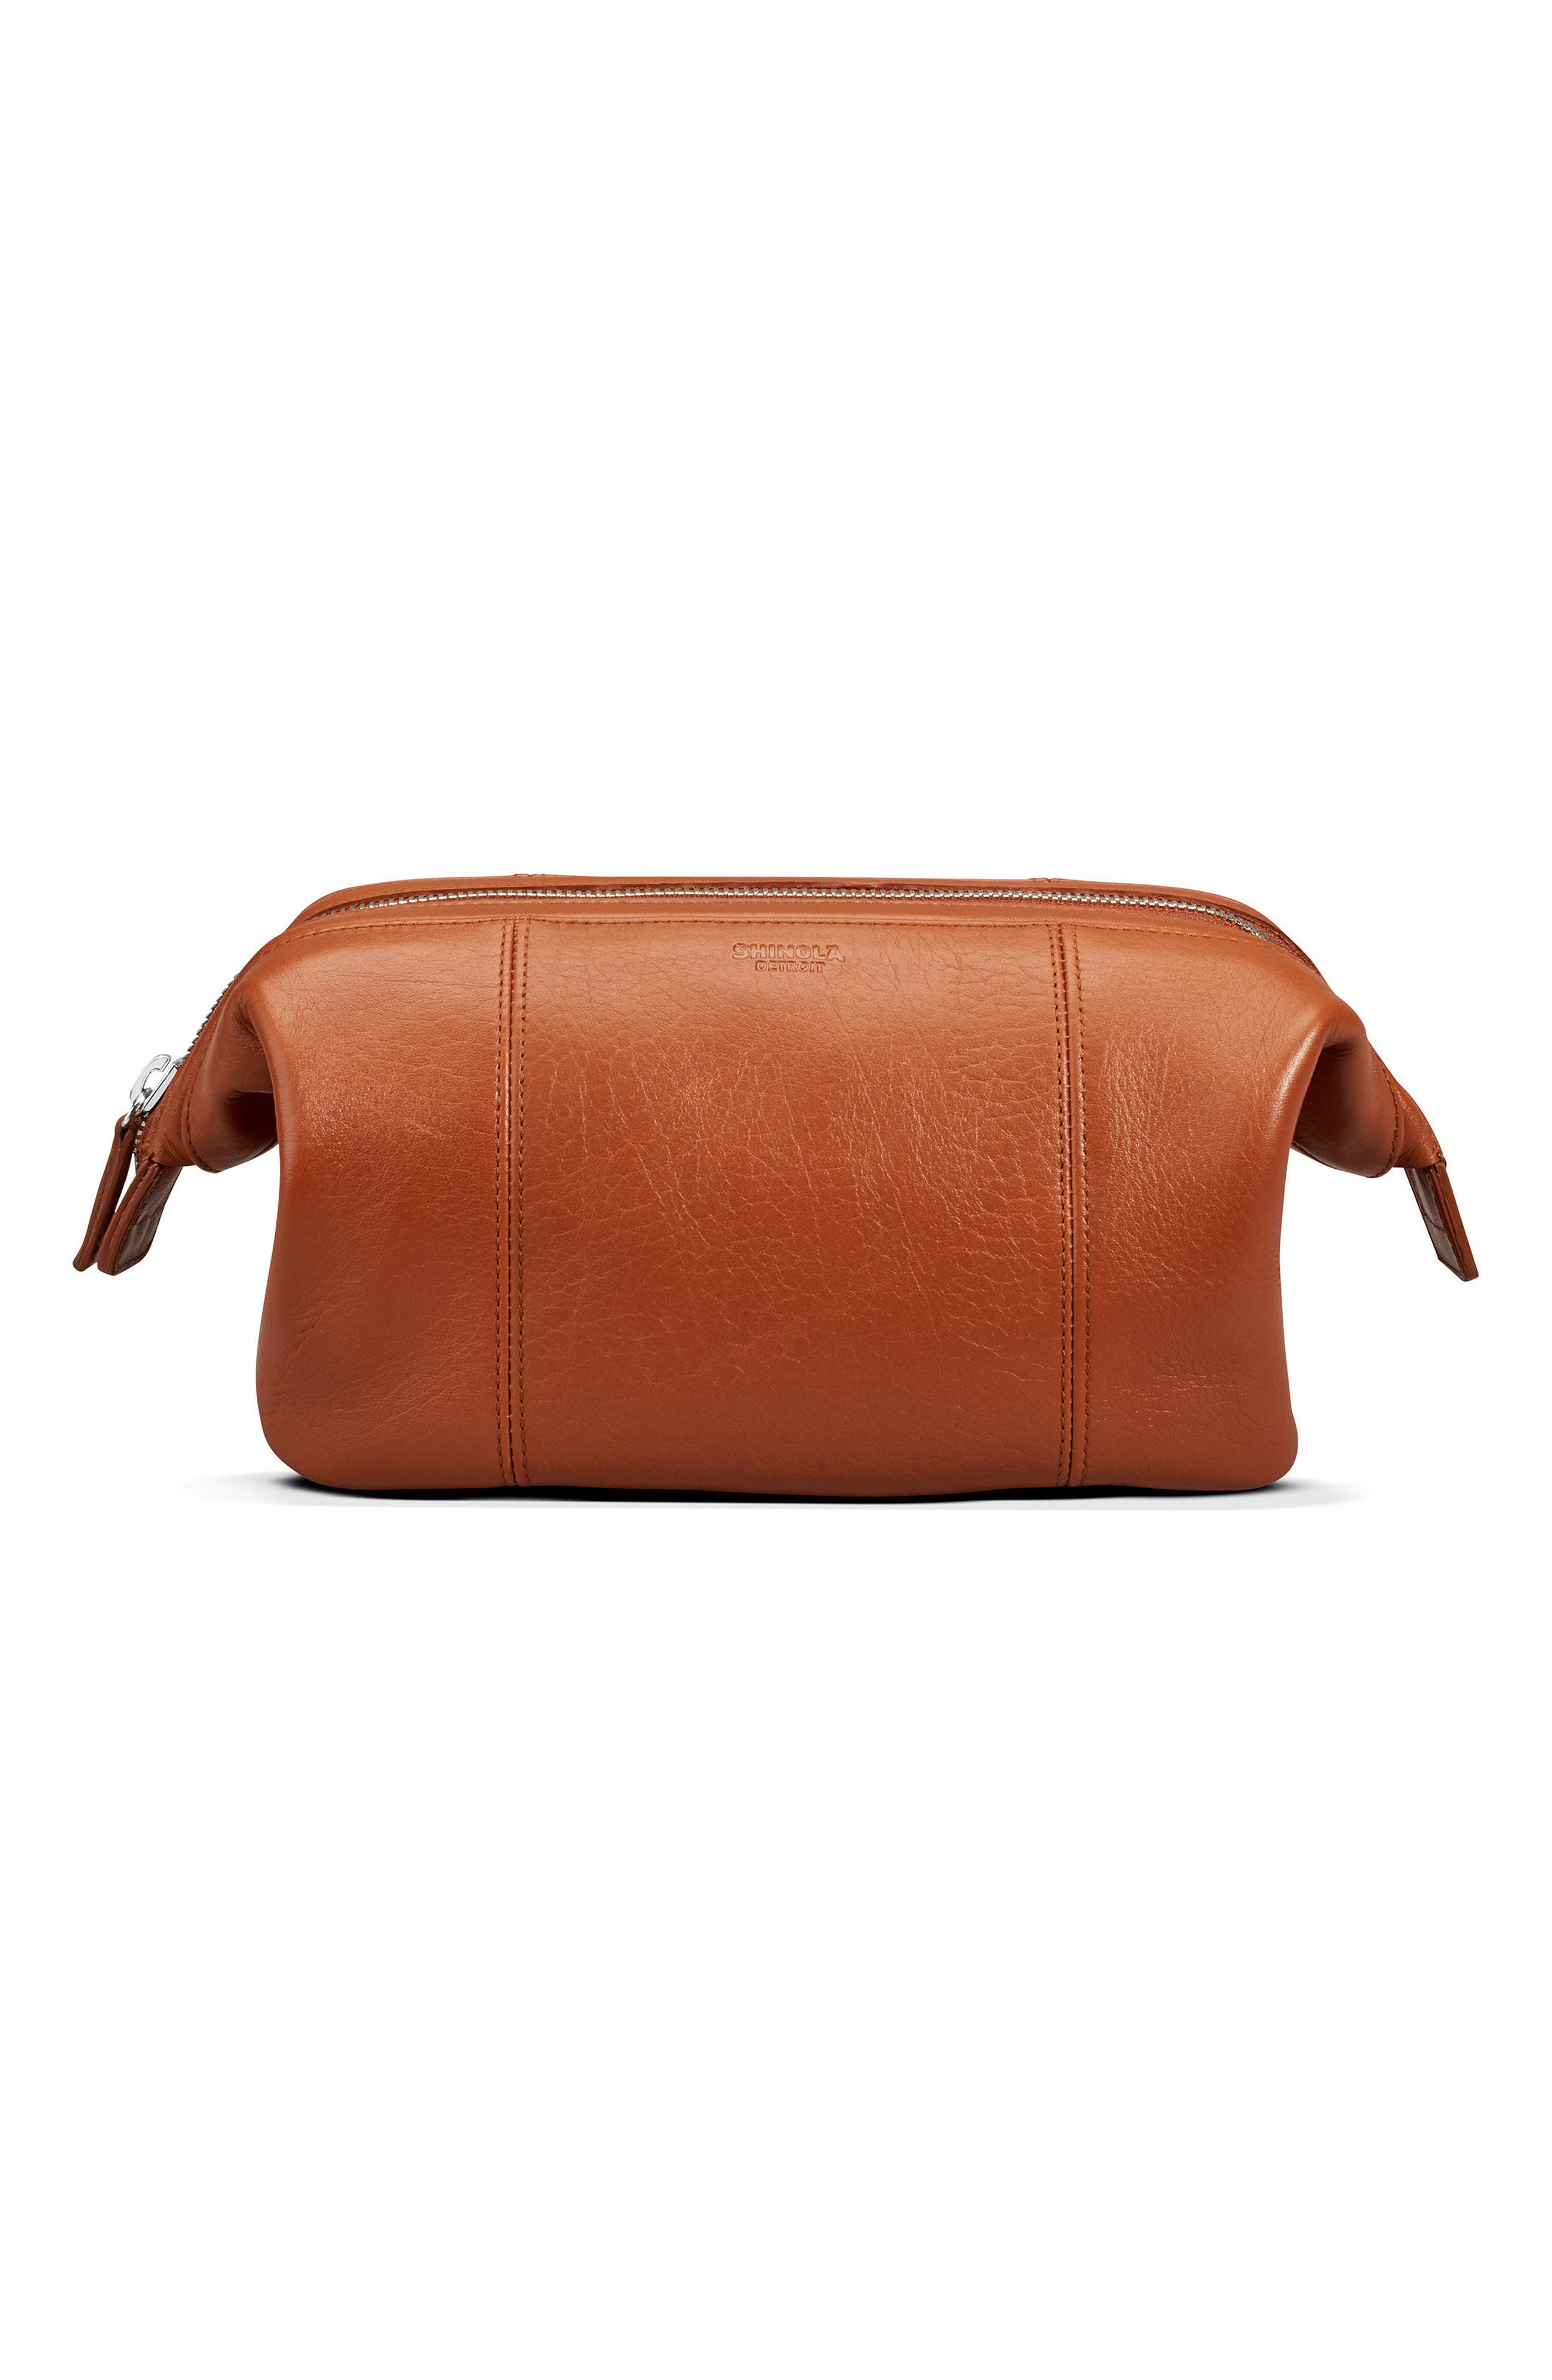 Leather Travel Kit,                             Main thumbnail 1, color,                             Bourbon